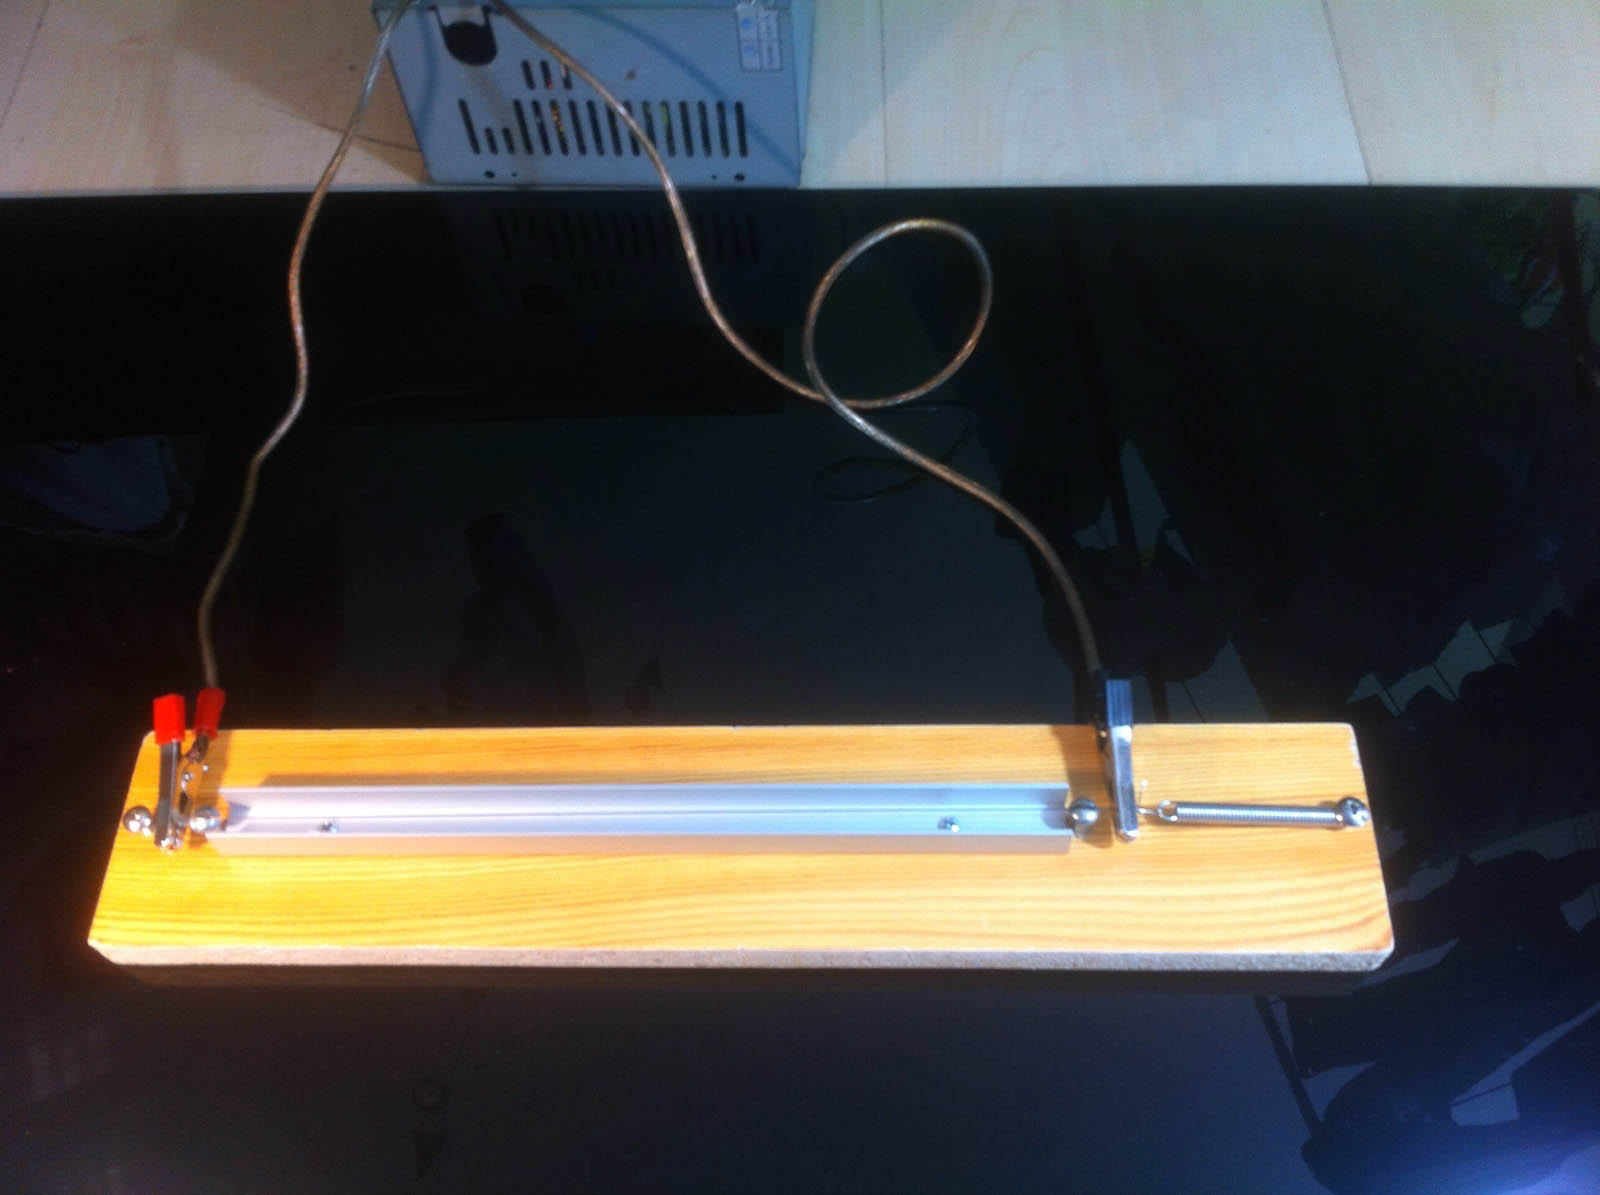 Relativ Plexiglas biegen - Acrylglas Biegemaschine Biegevorrichtung UE35